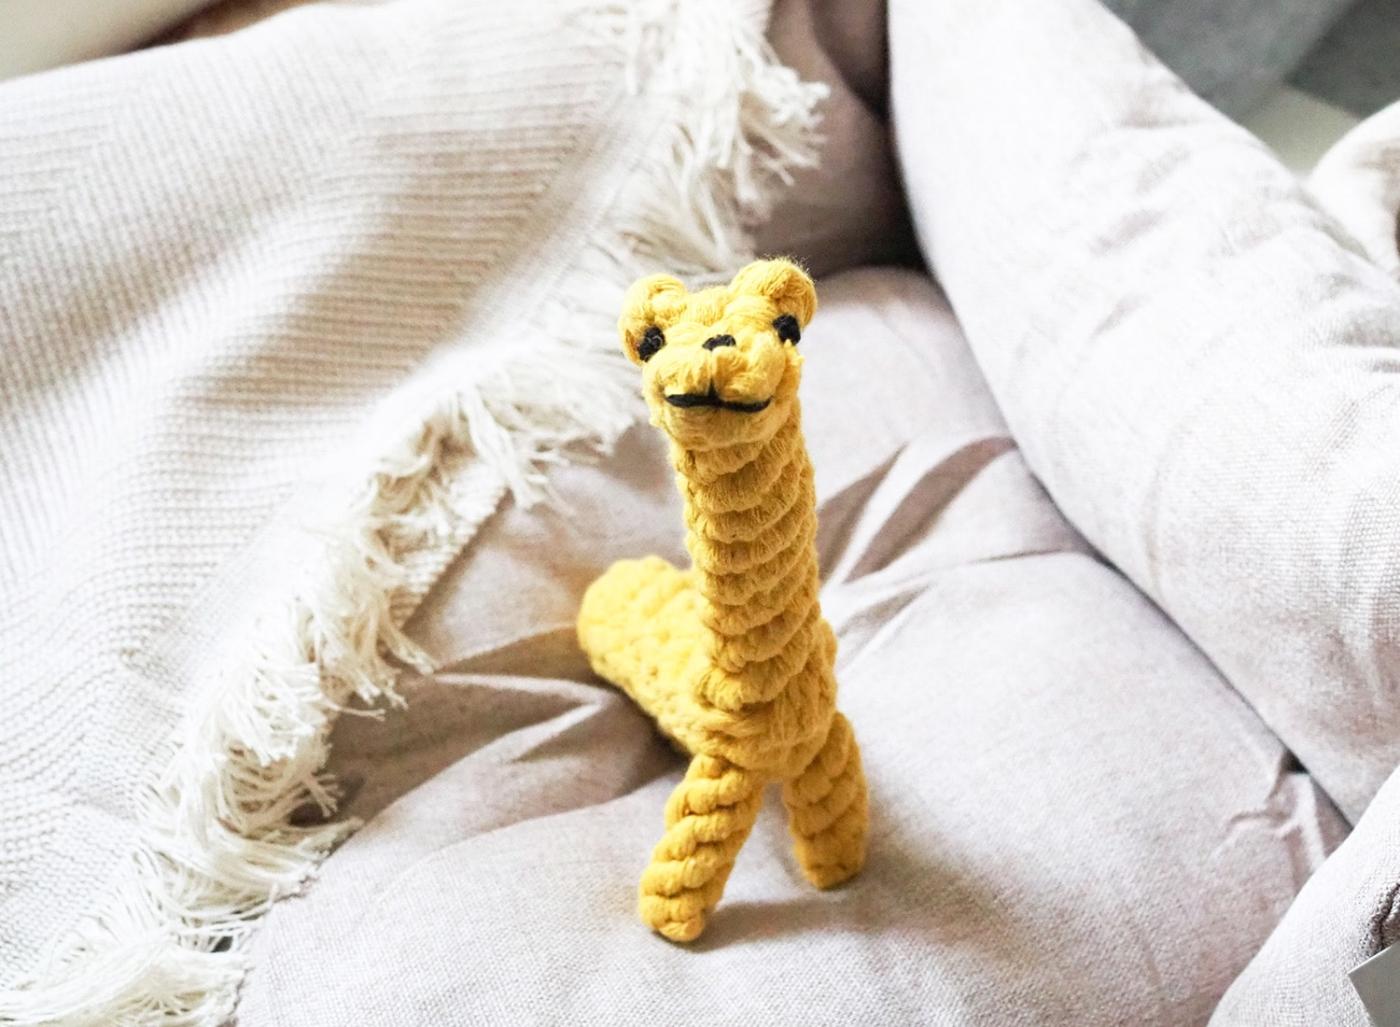 Hundespielzeug Greta Giraffe aus natürlichem Baumwollseil zur Reinigung der Hundezähne.